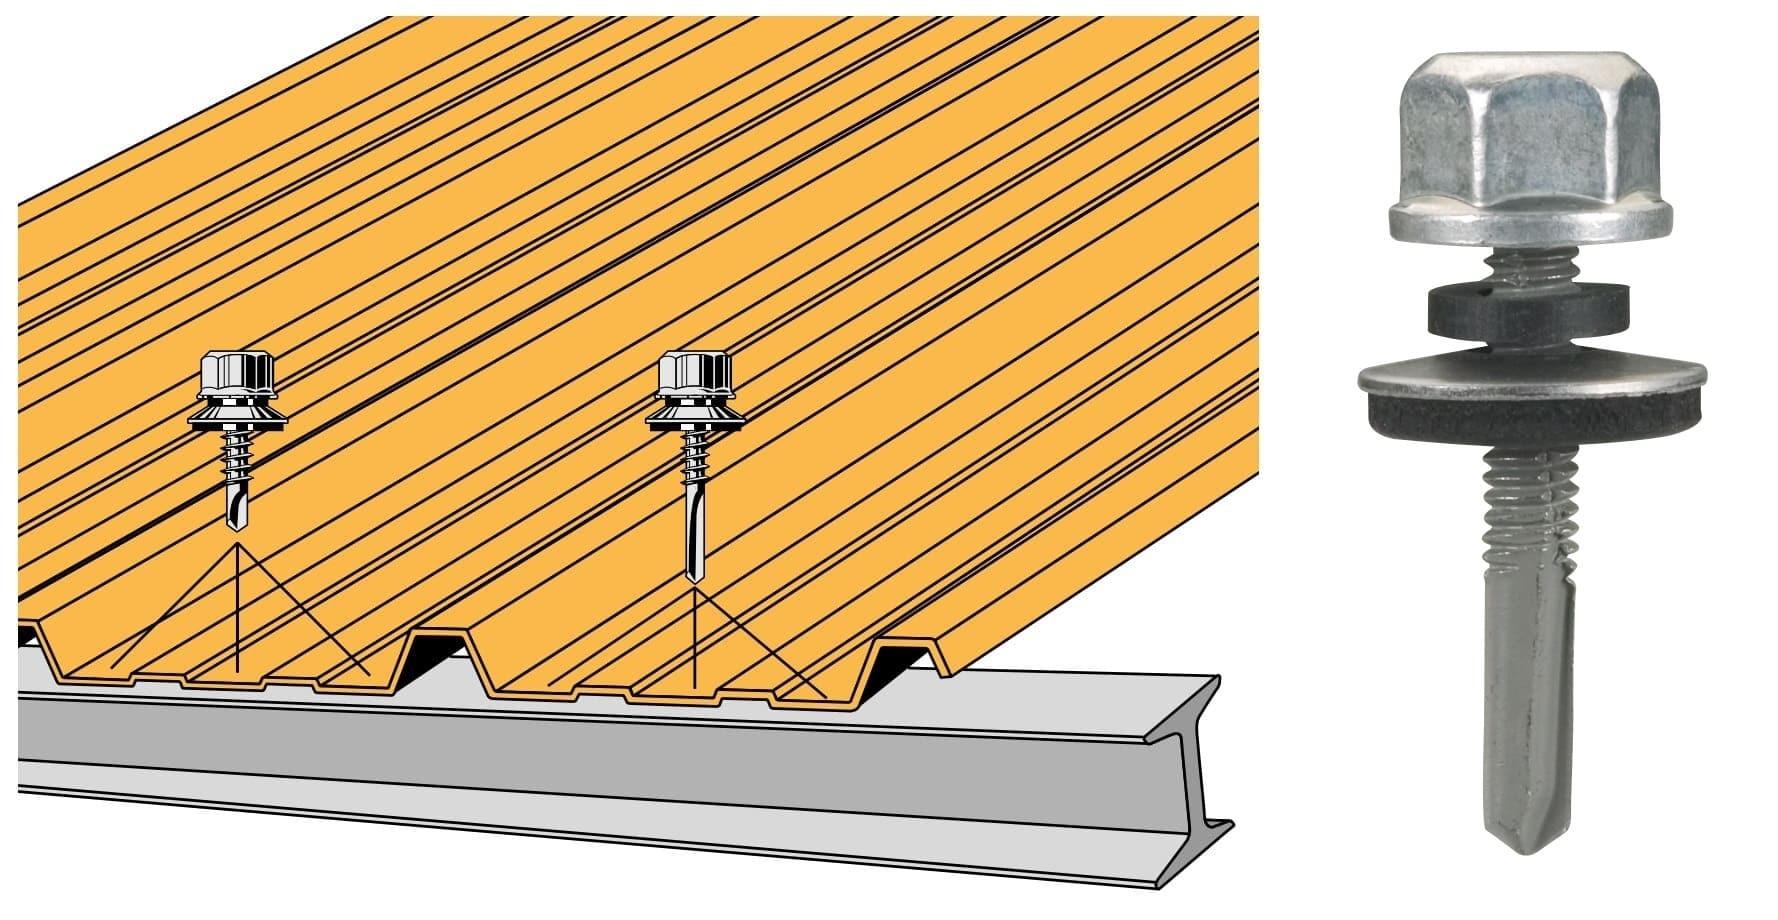 vis tetalu autoperceuse p13 o5 5x35 tk12 fixation de couverture bacs acier en plage sur poutrelles